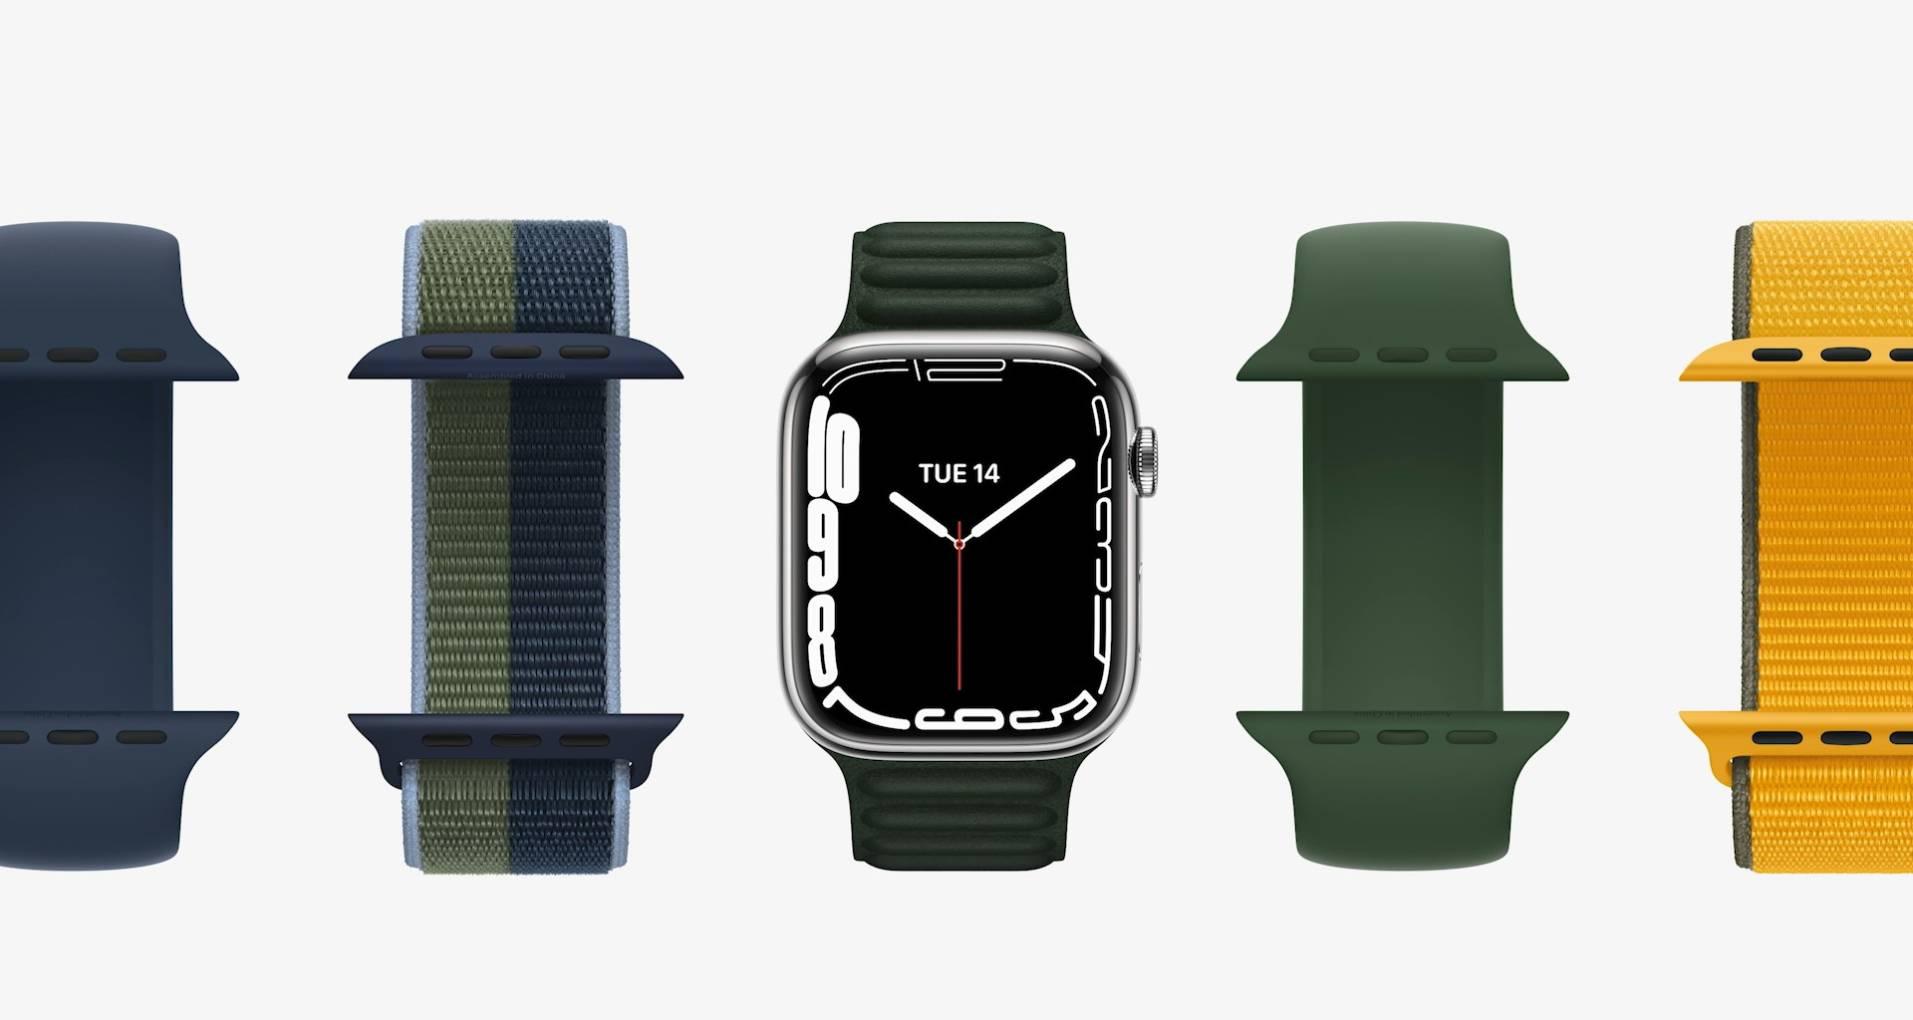 Corpo do Apple Watch 7 em meio a pulseiras de diferentes tipos e cores